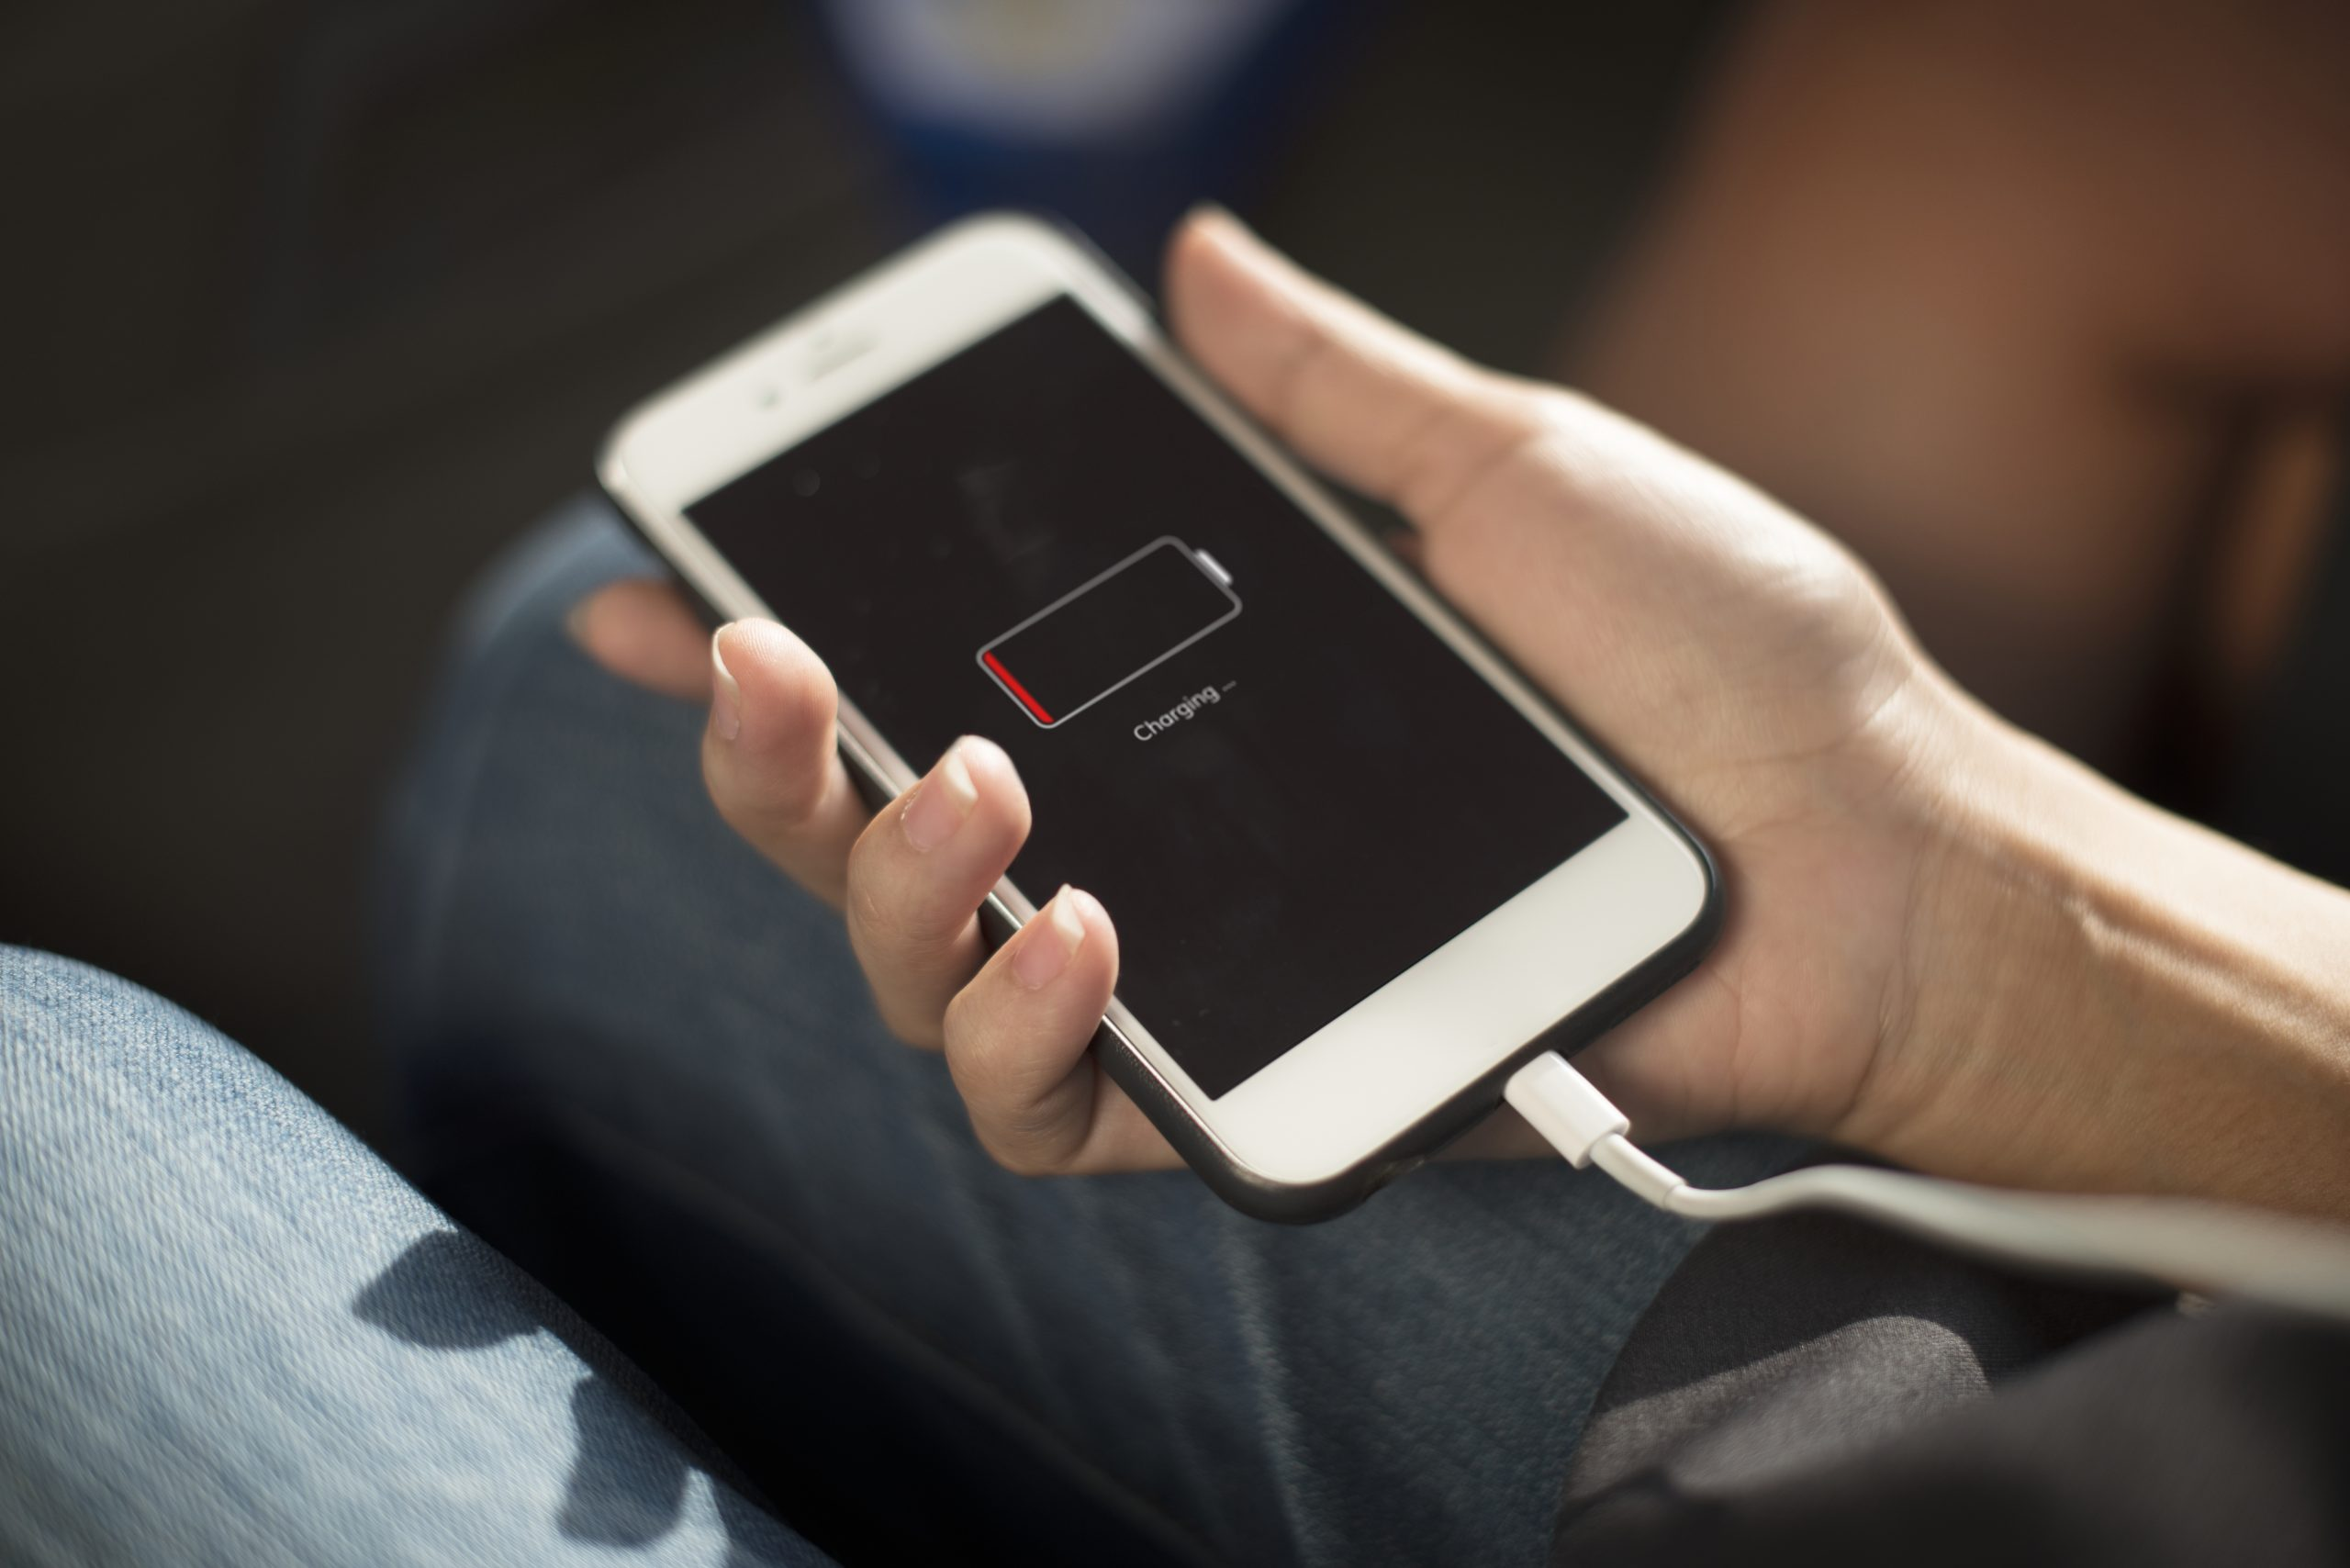 sostituzione-batteria-telefono-cellularre-smartphone-pc-mac-imac-macbook-pro-apple-desenzano-del-garda-brescia-moniga-manerba-sirmione-montichiari-peschiera-padenghe-castiglione-lonato